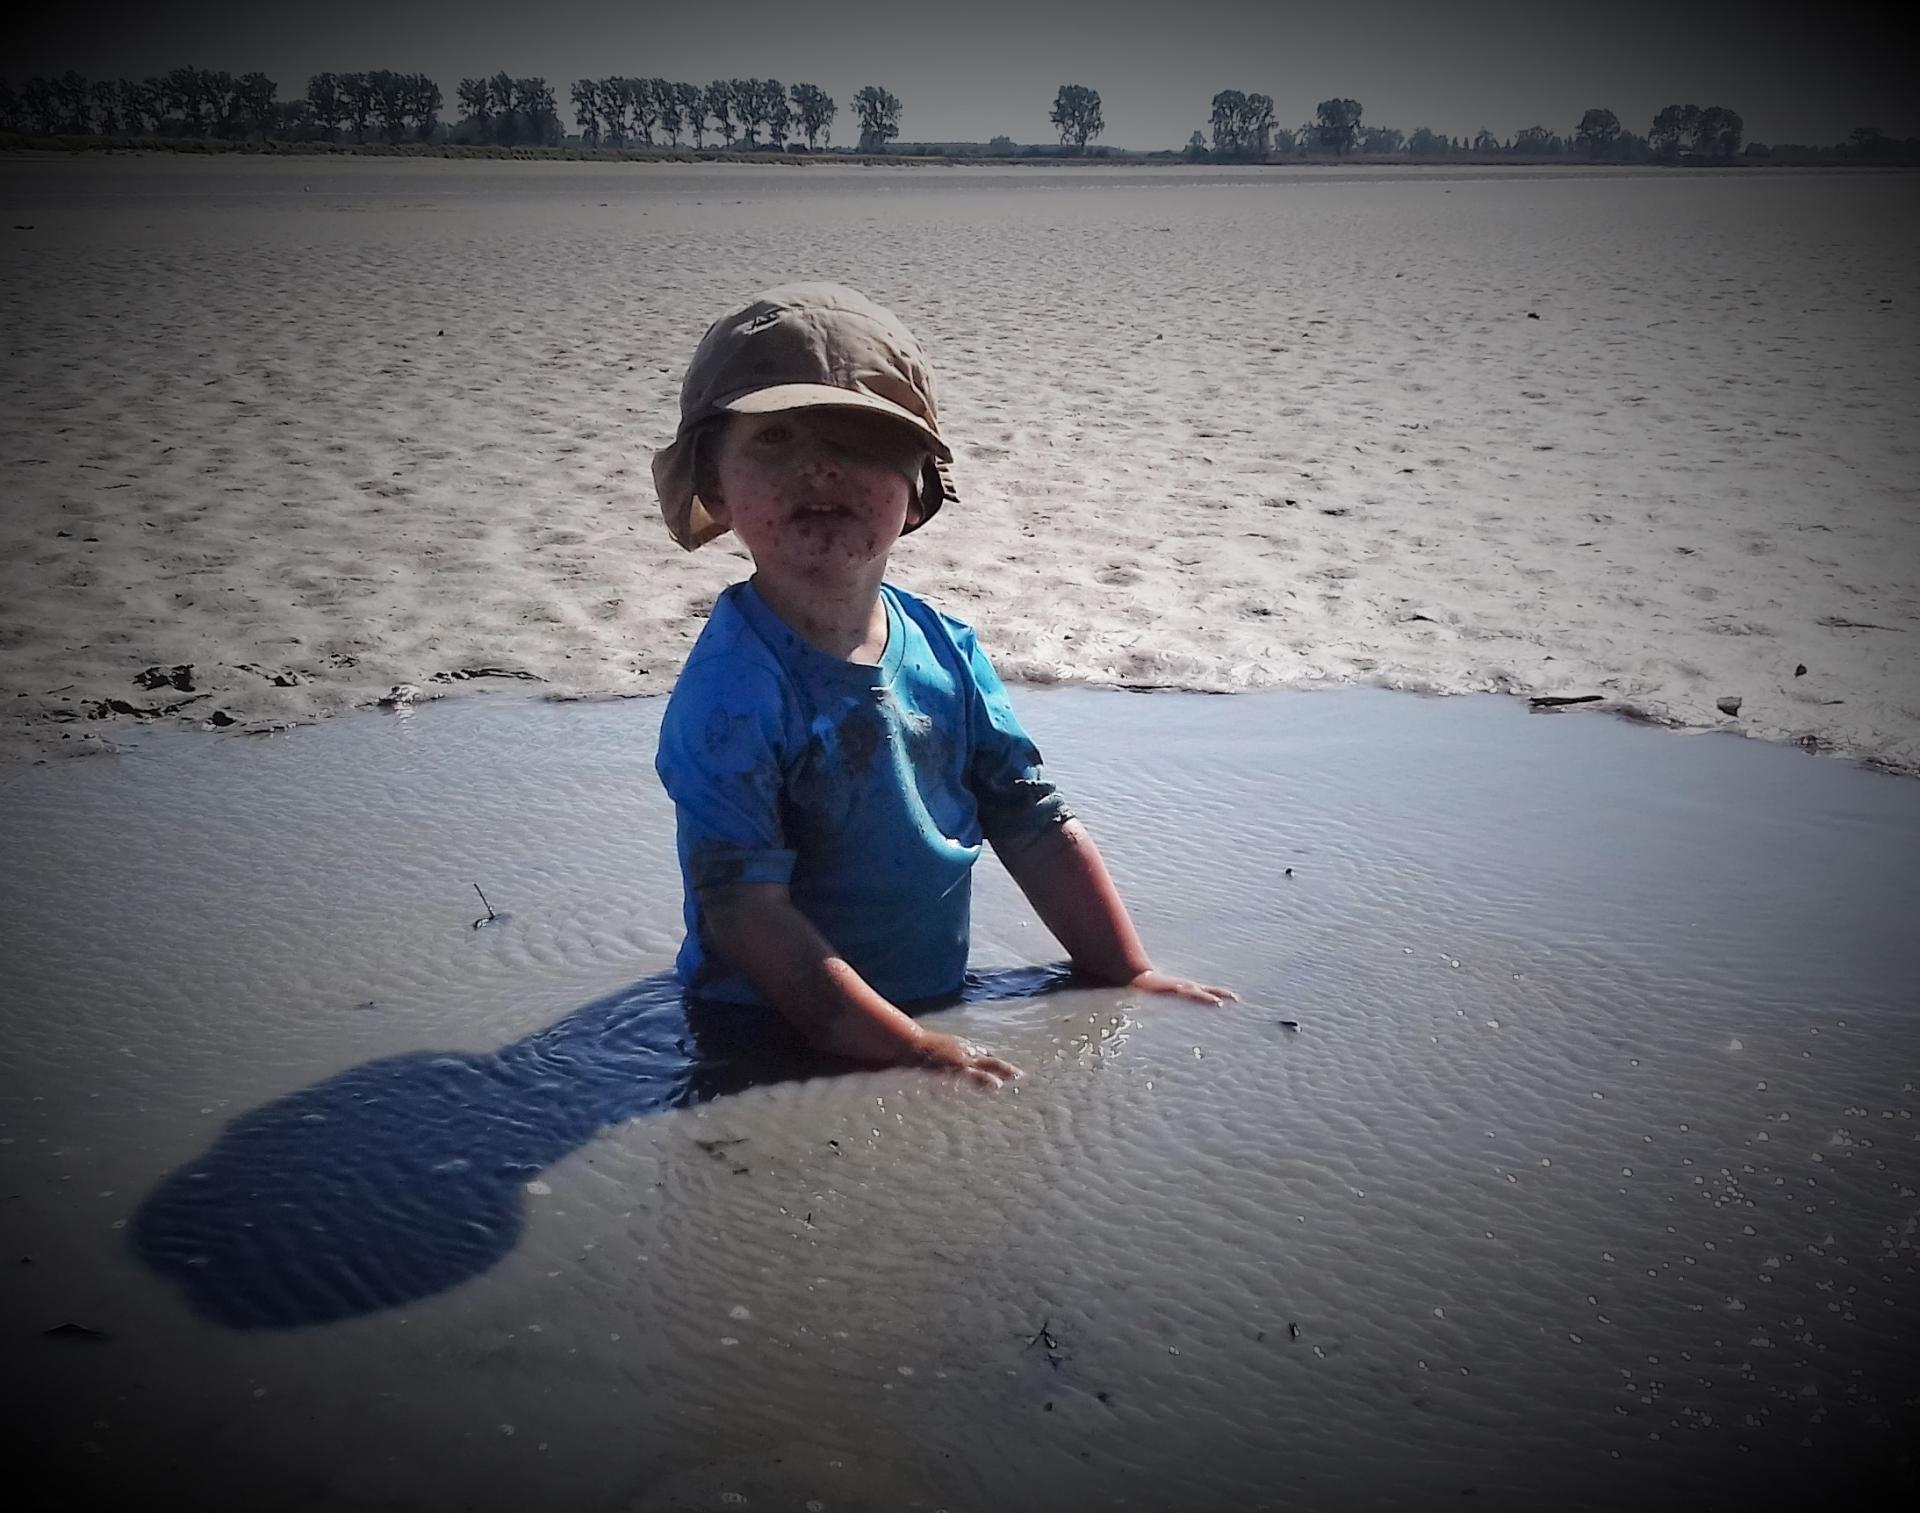 S.O.S enfant enlisé dans un sable mouvant